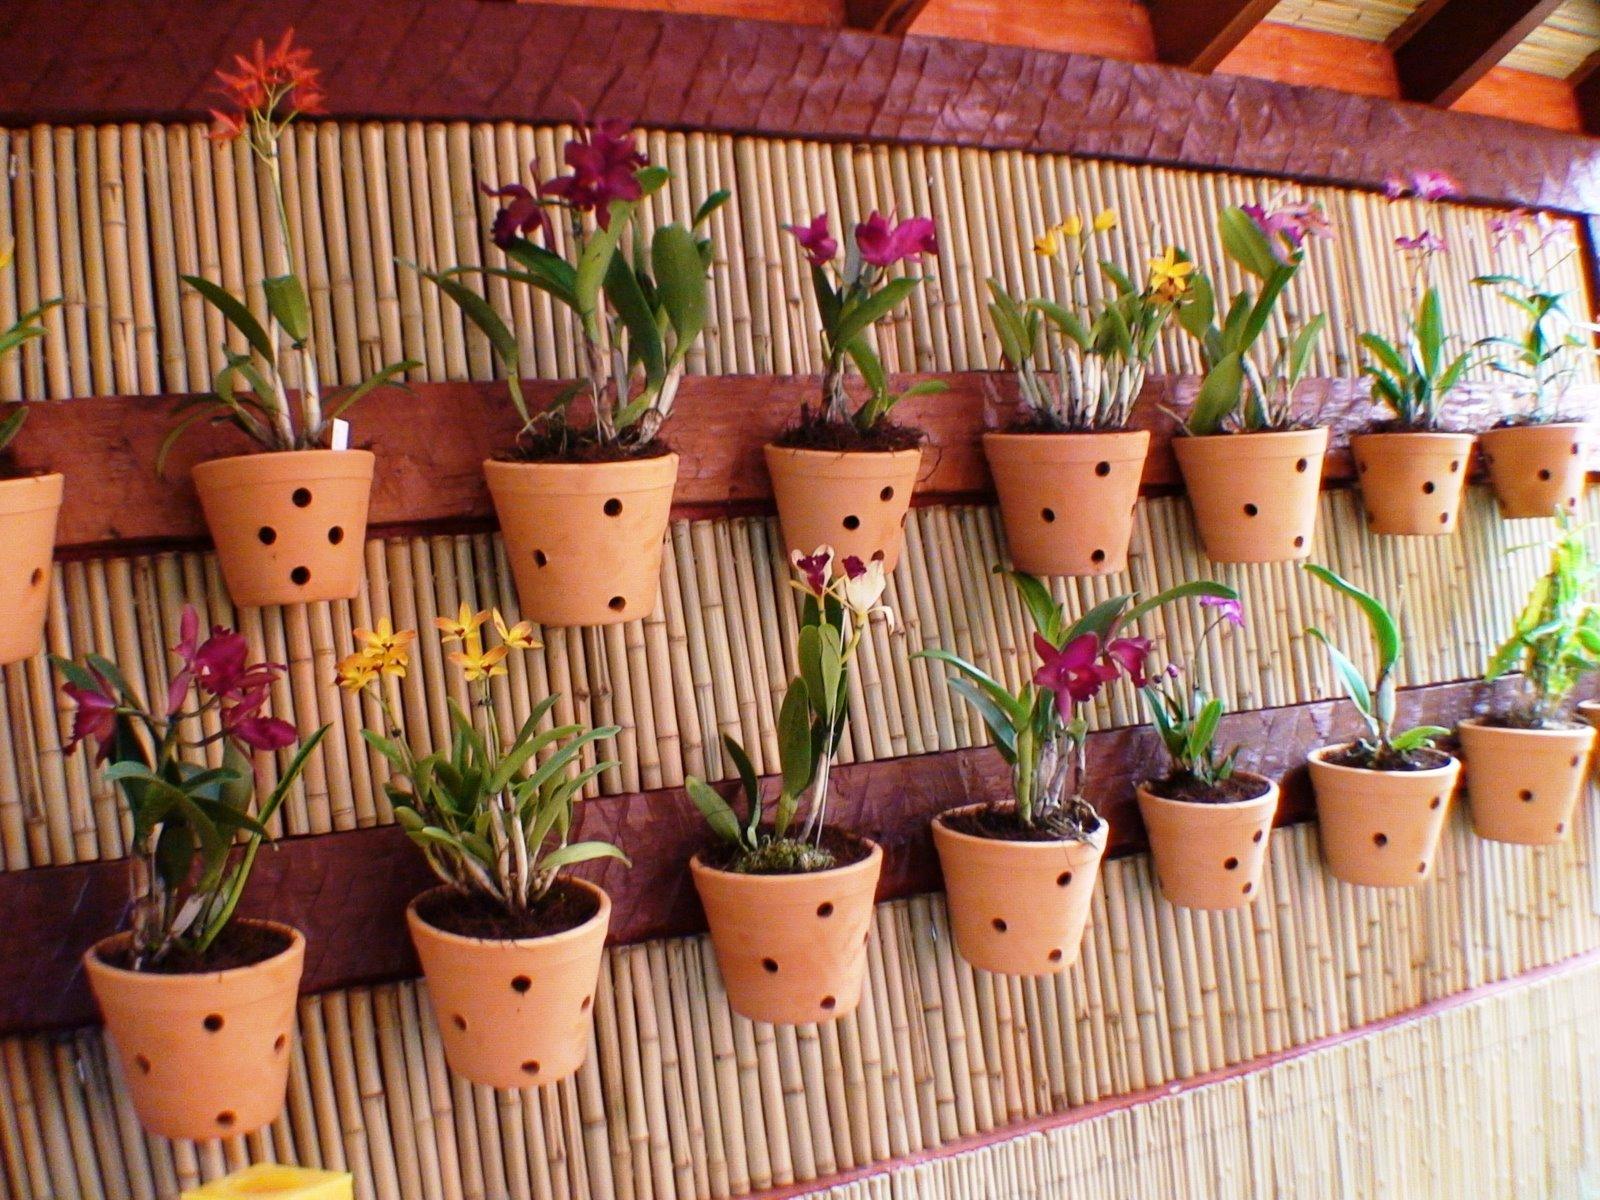 jardim-vertical-para-orquideas-1